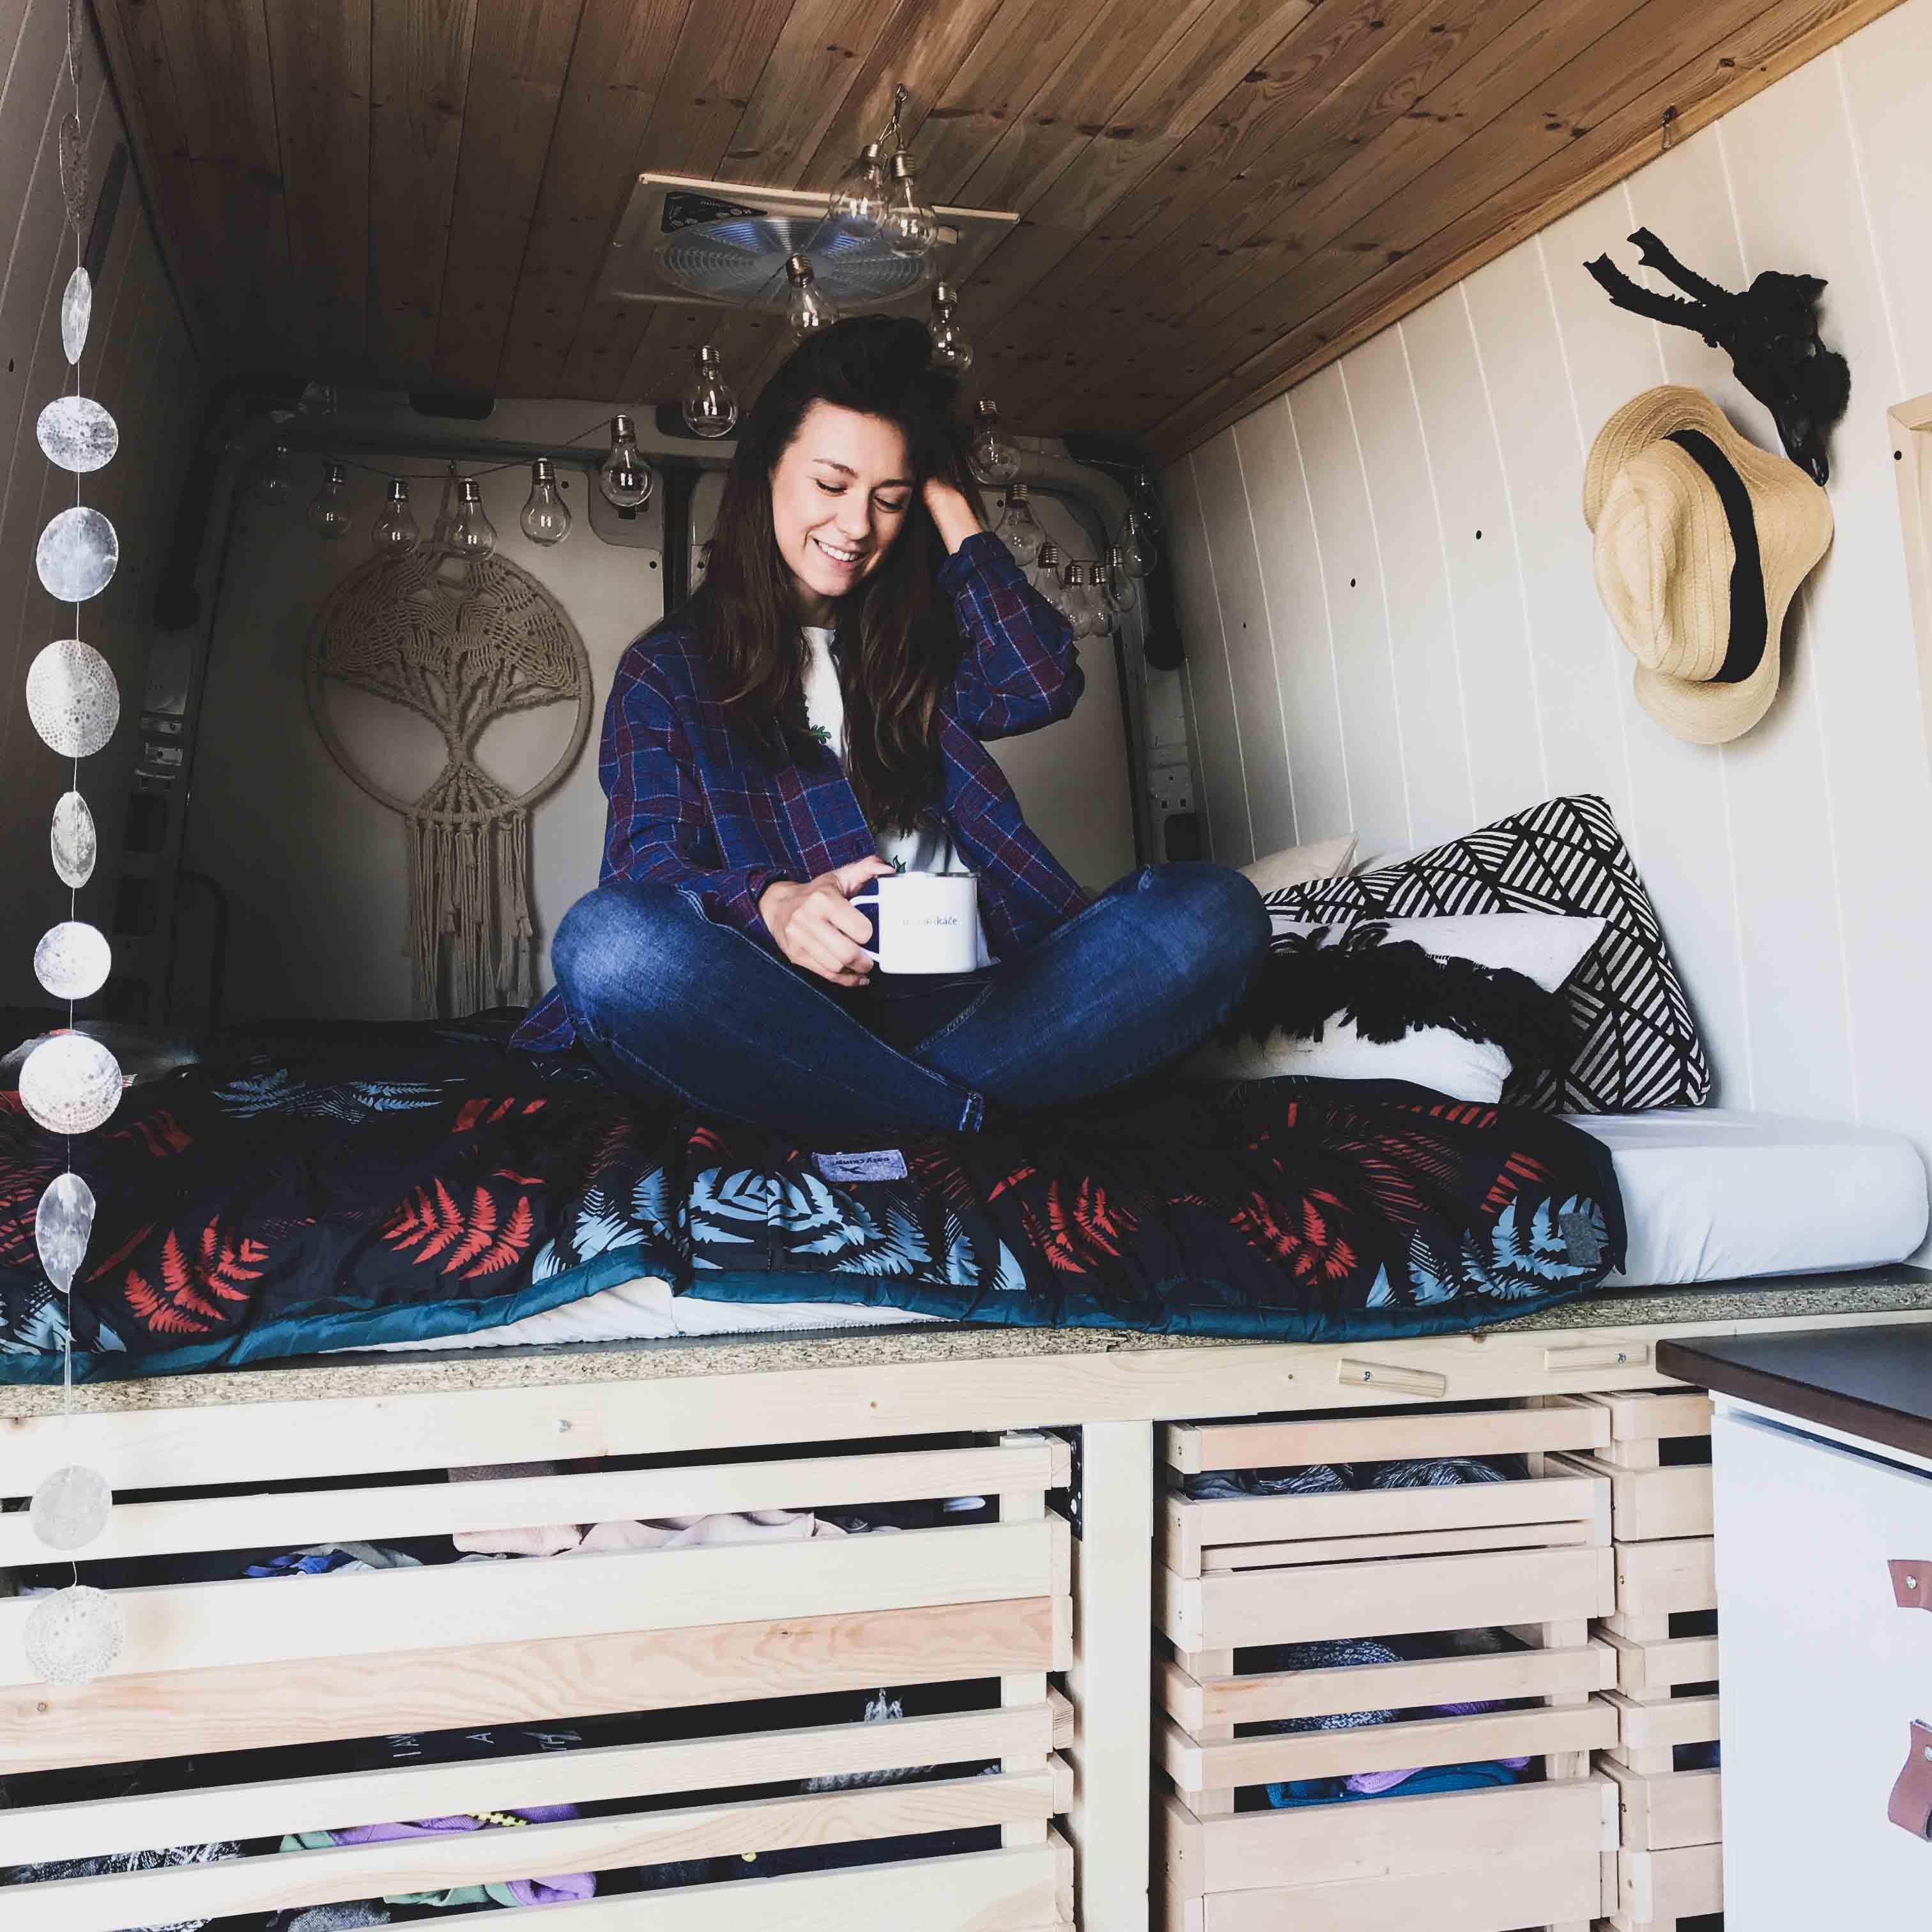 Klára, The Only Van